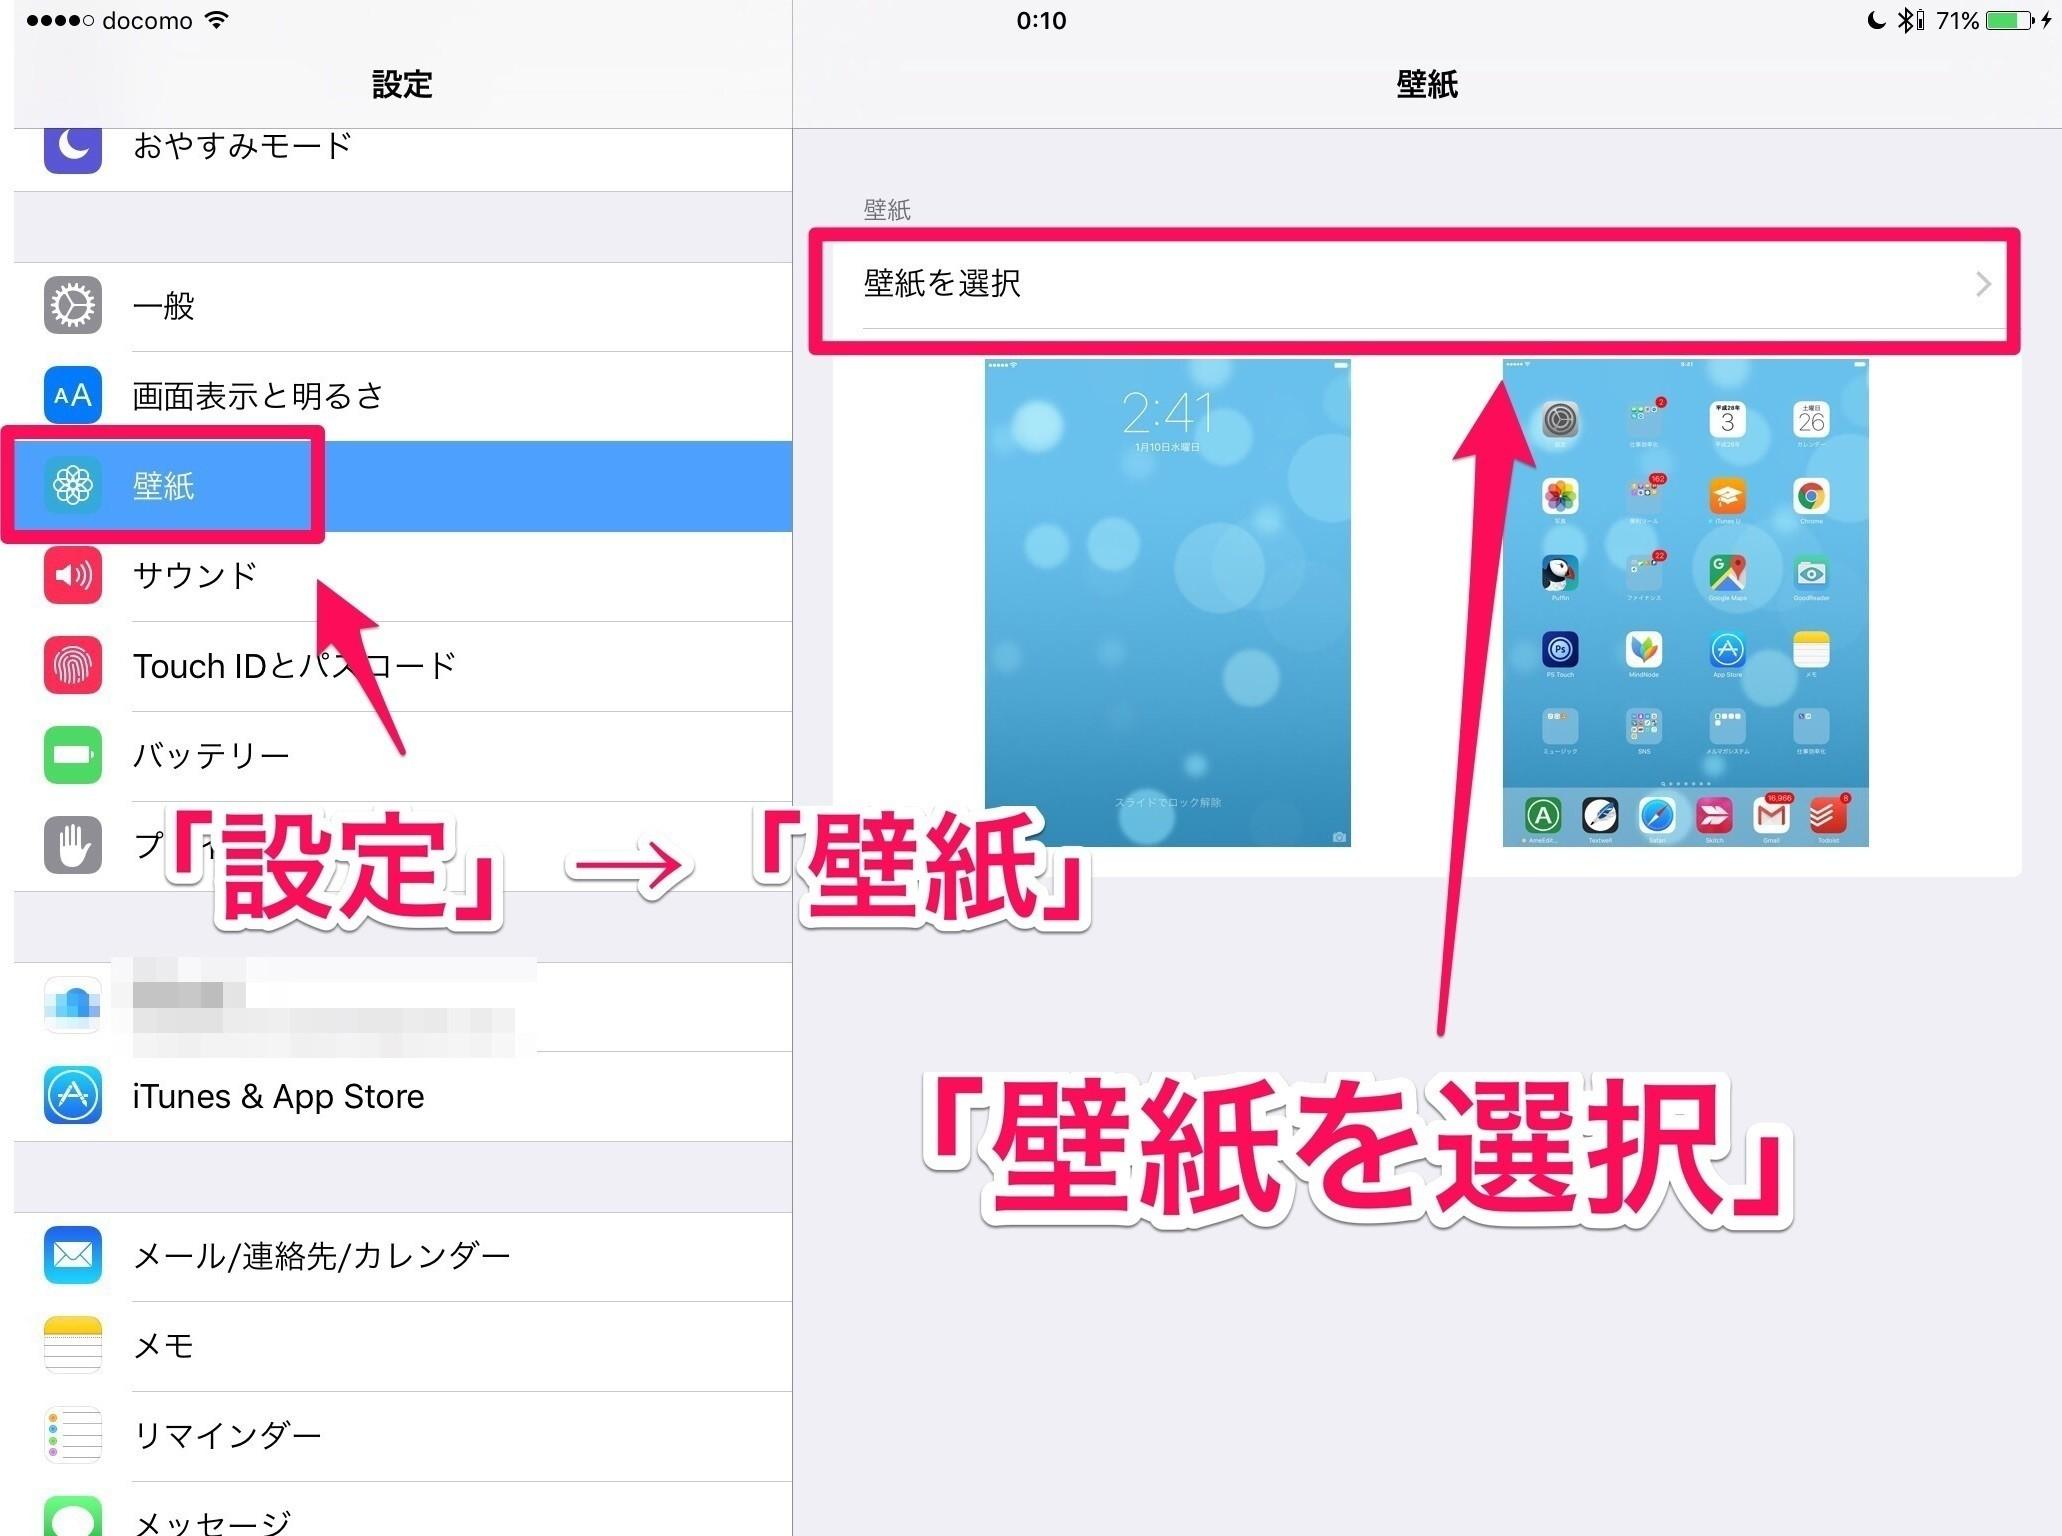 設定3 Ipadのダイナミック壁紙を 静止画 に変更する設定 Ipadの